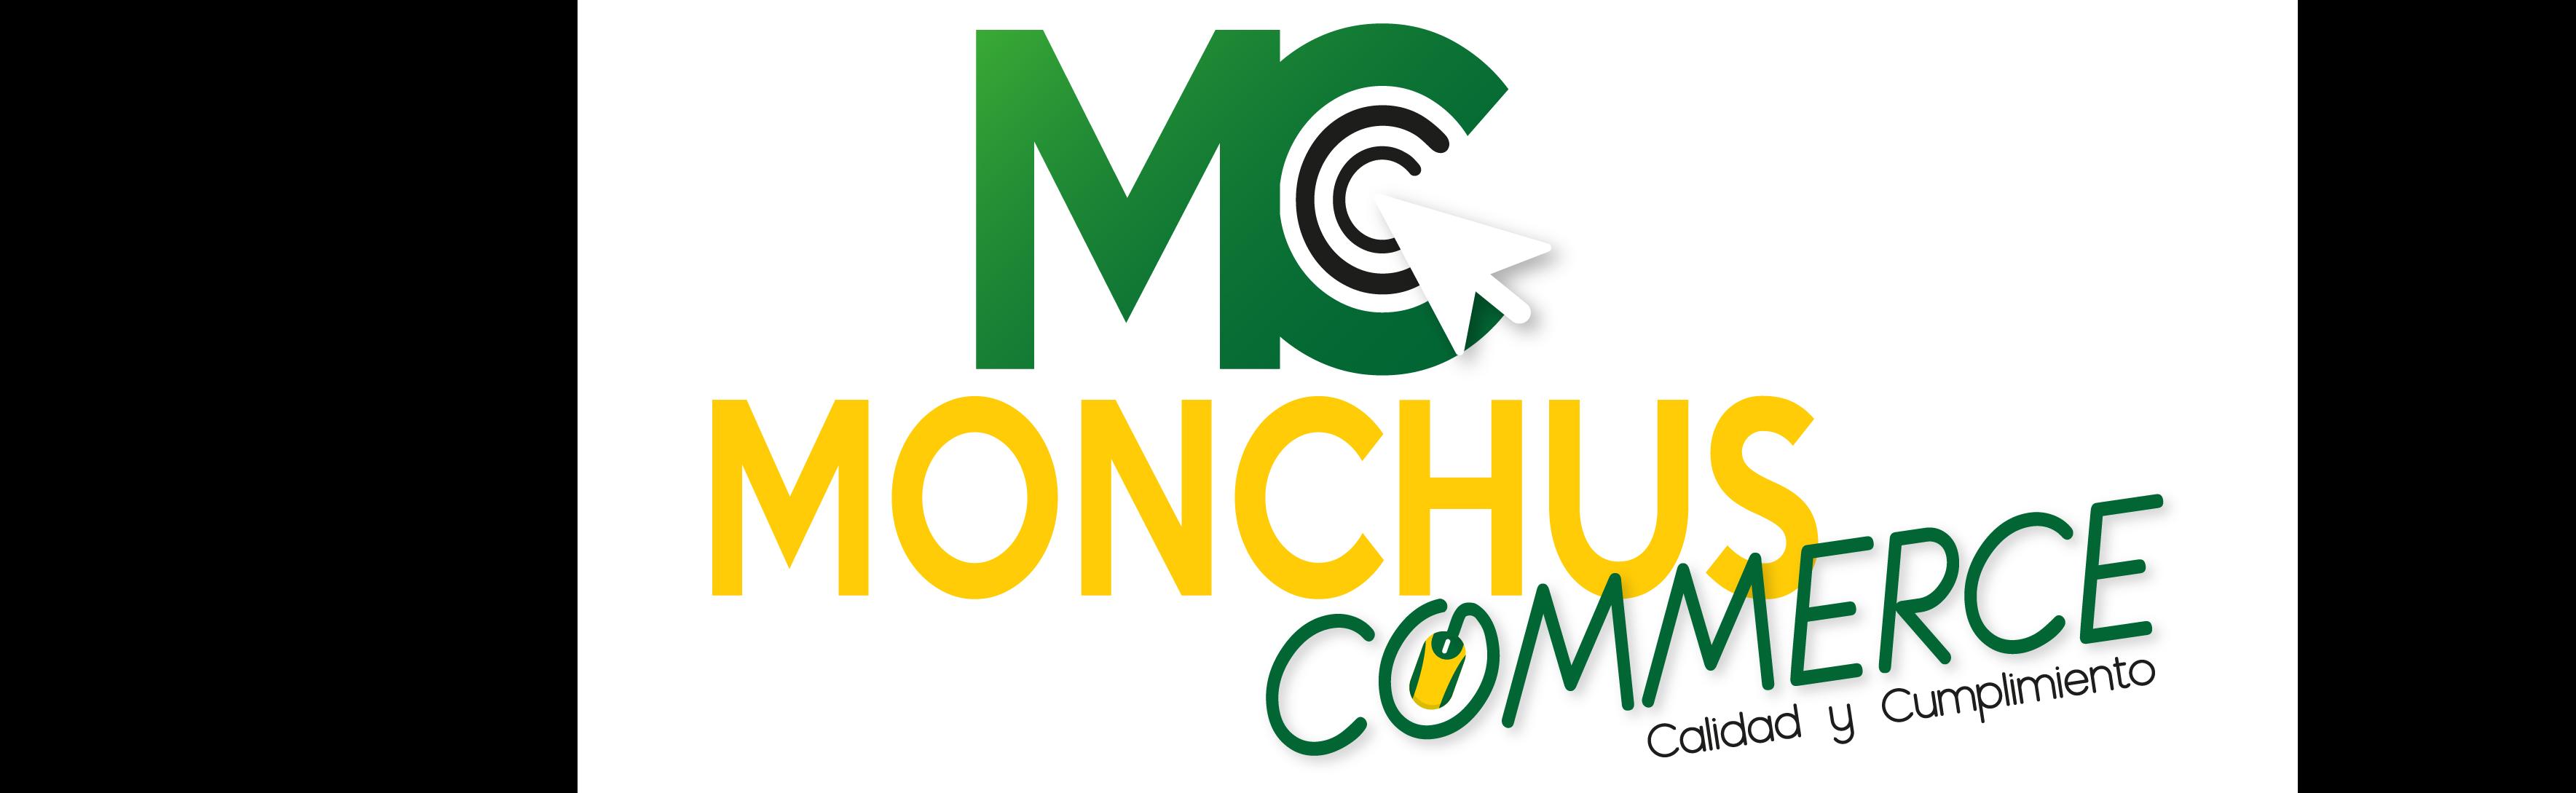 Monchus Commerce